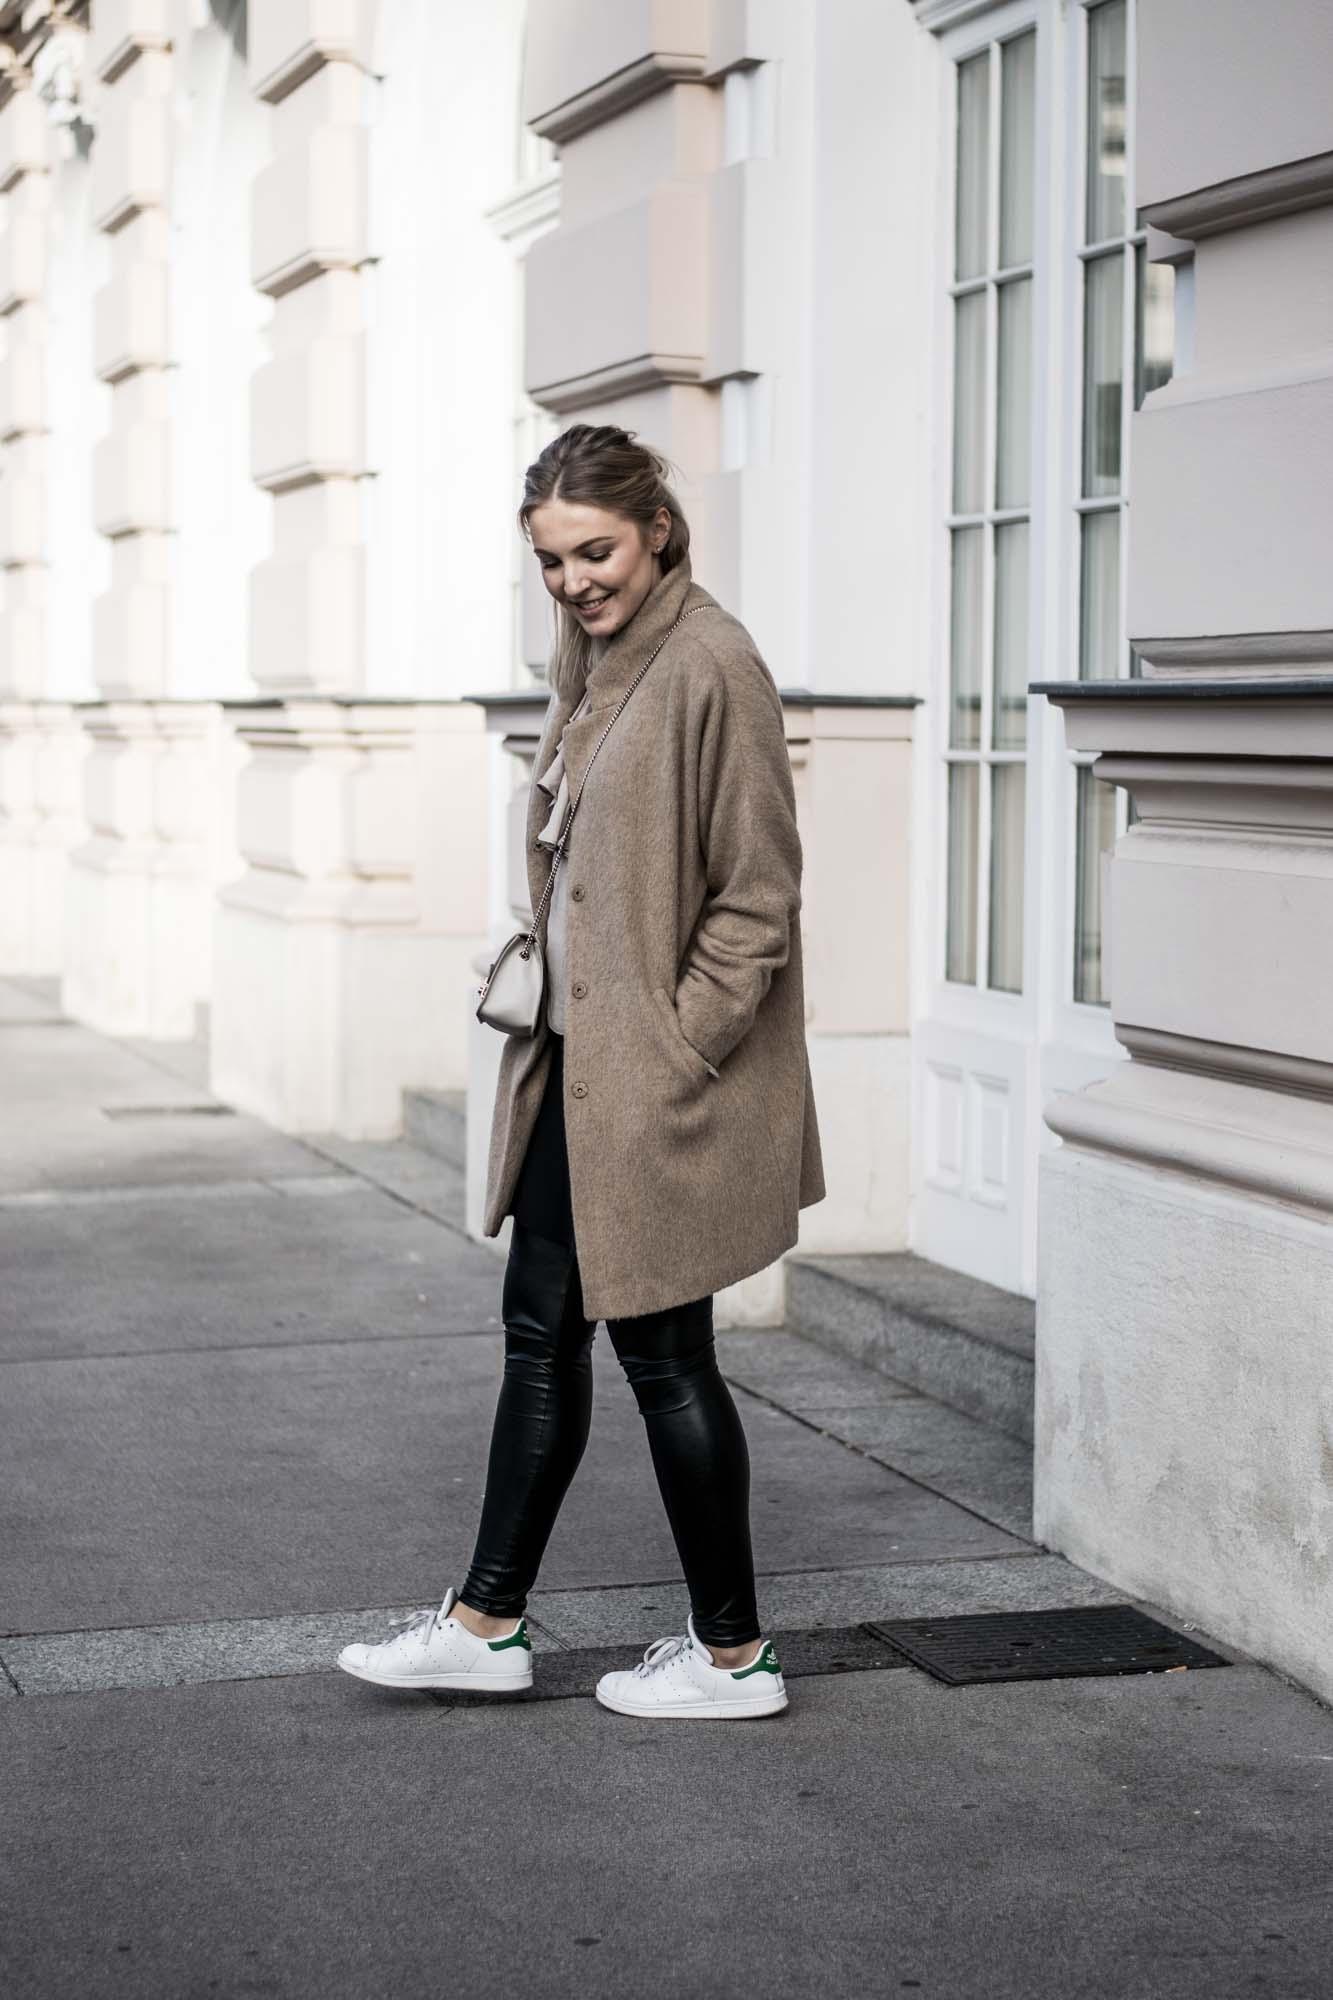 giveherglitter-camelcoat-fashionblog-3